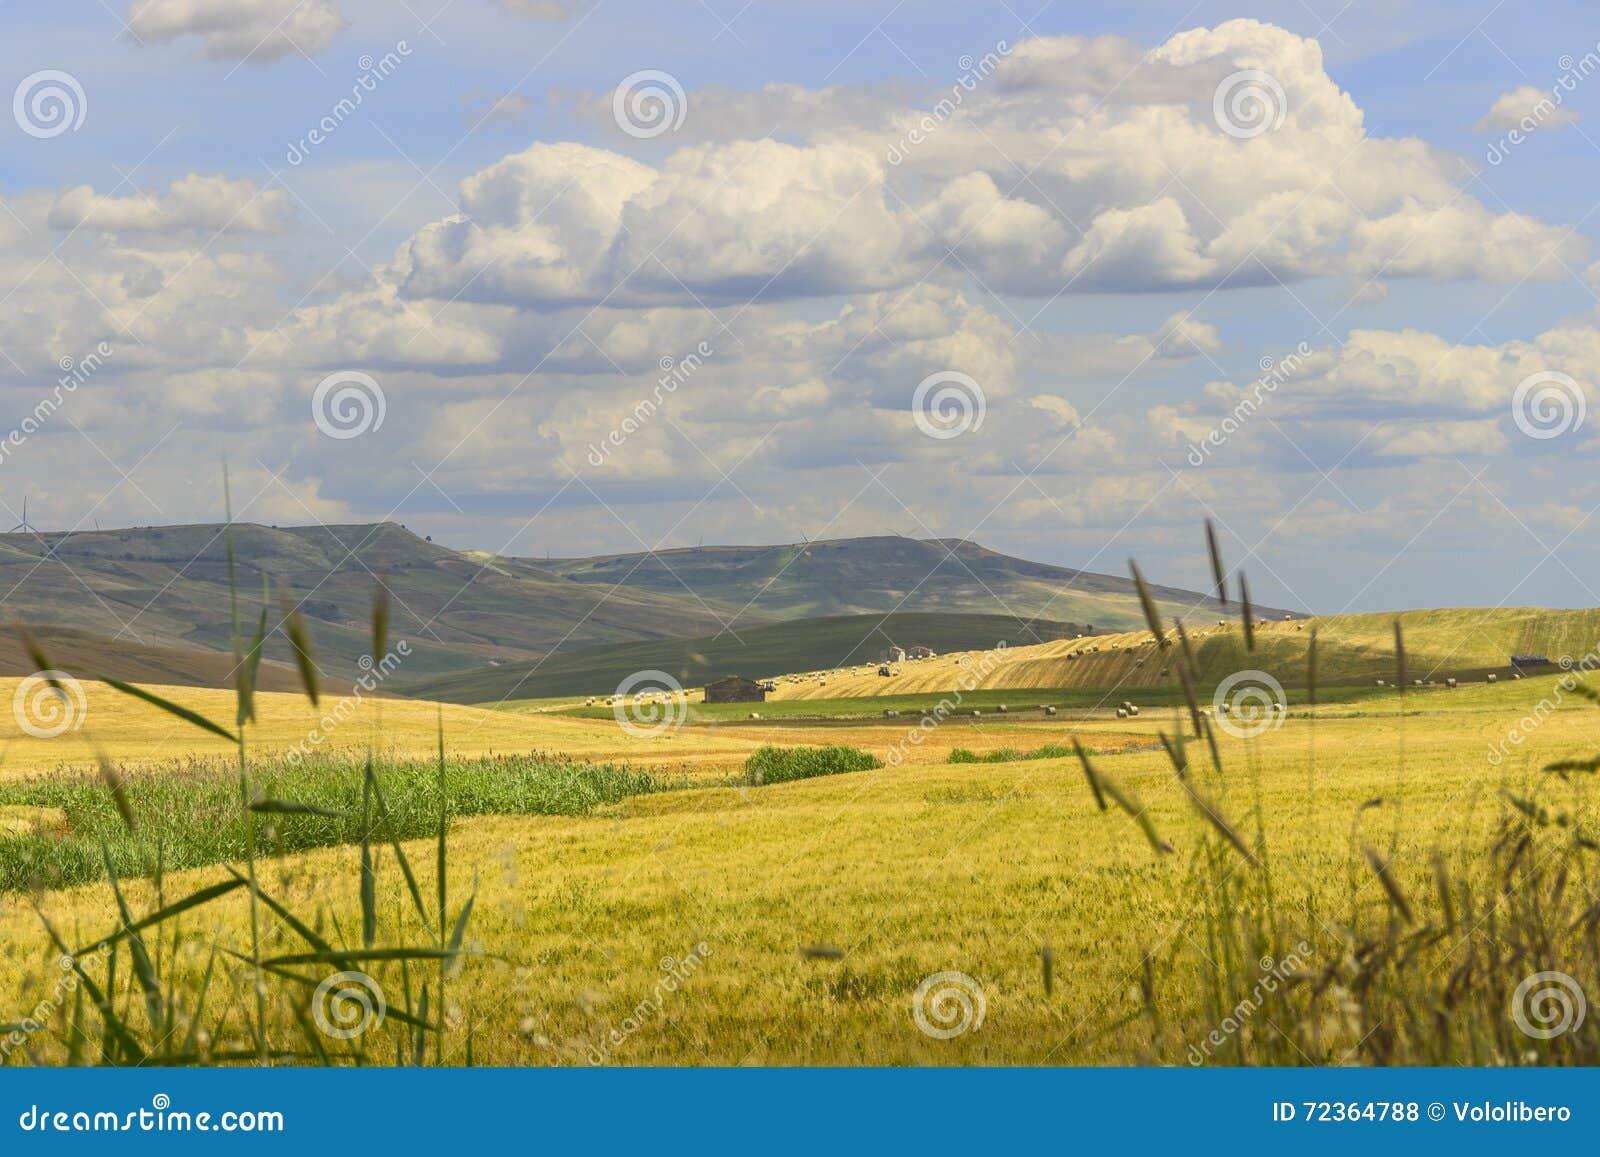 在普利亚和巴斯利卡塔之间 与玉米田的多小山风景 意大利